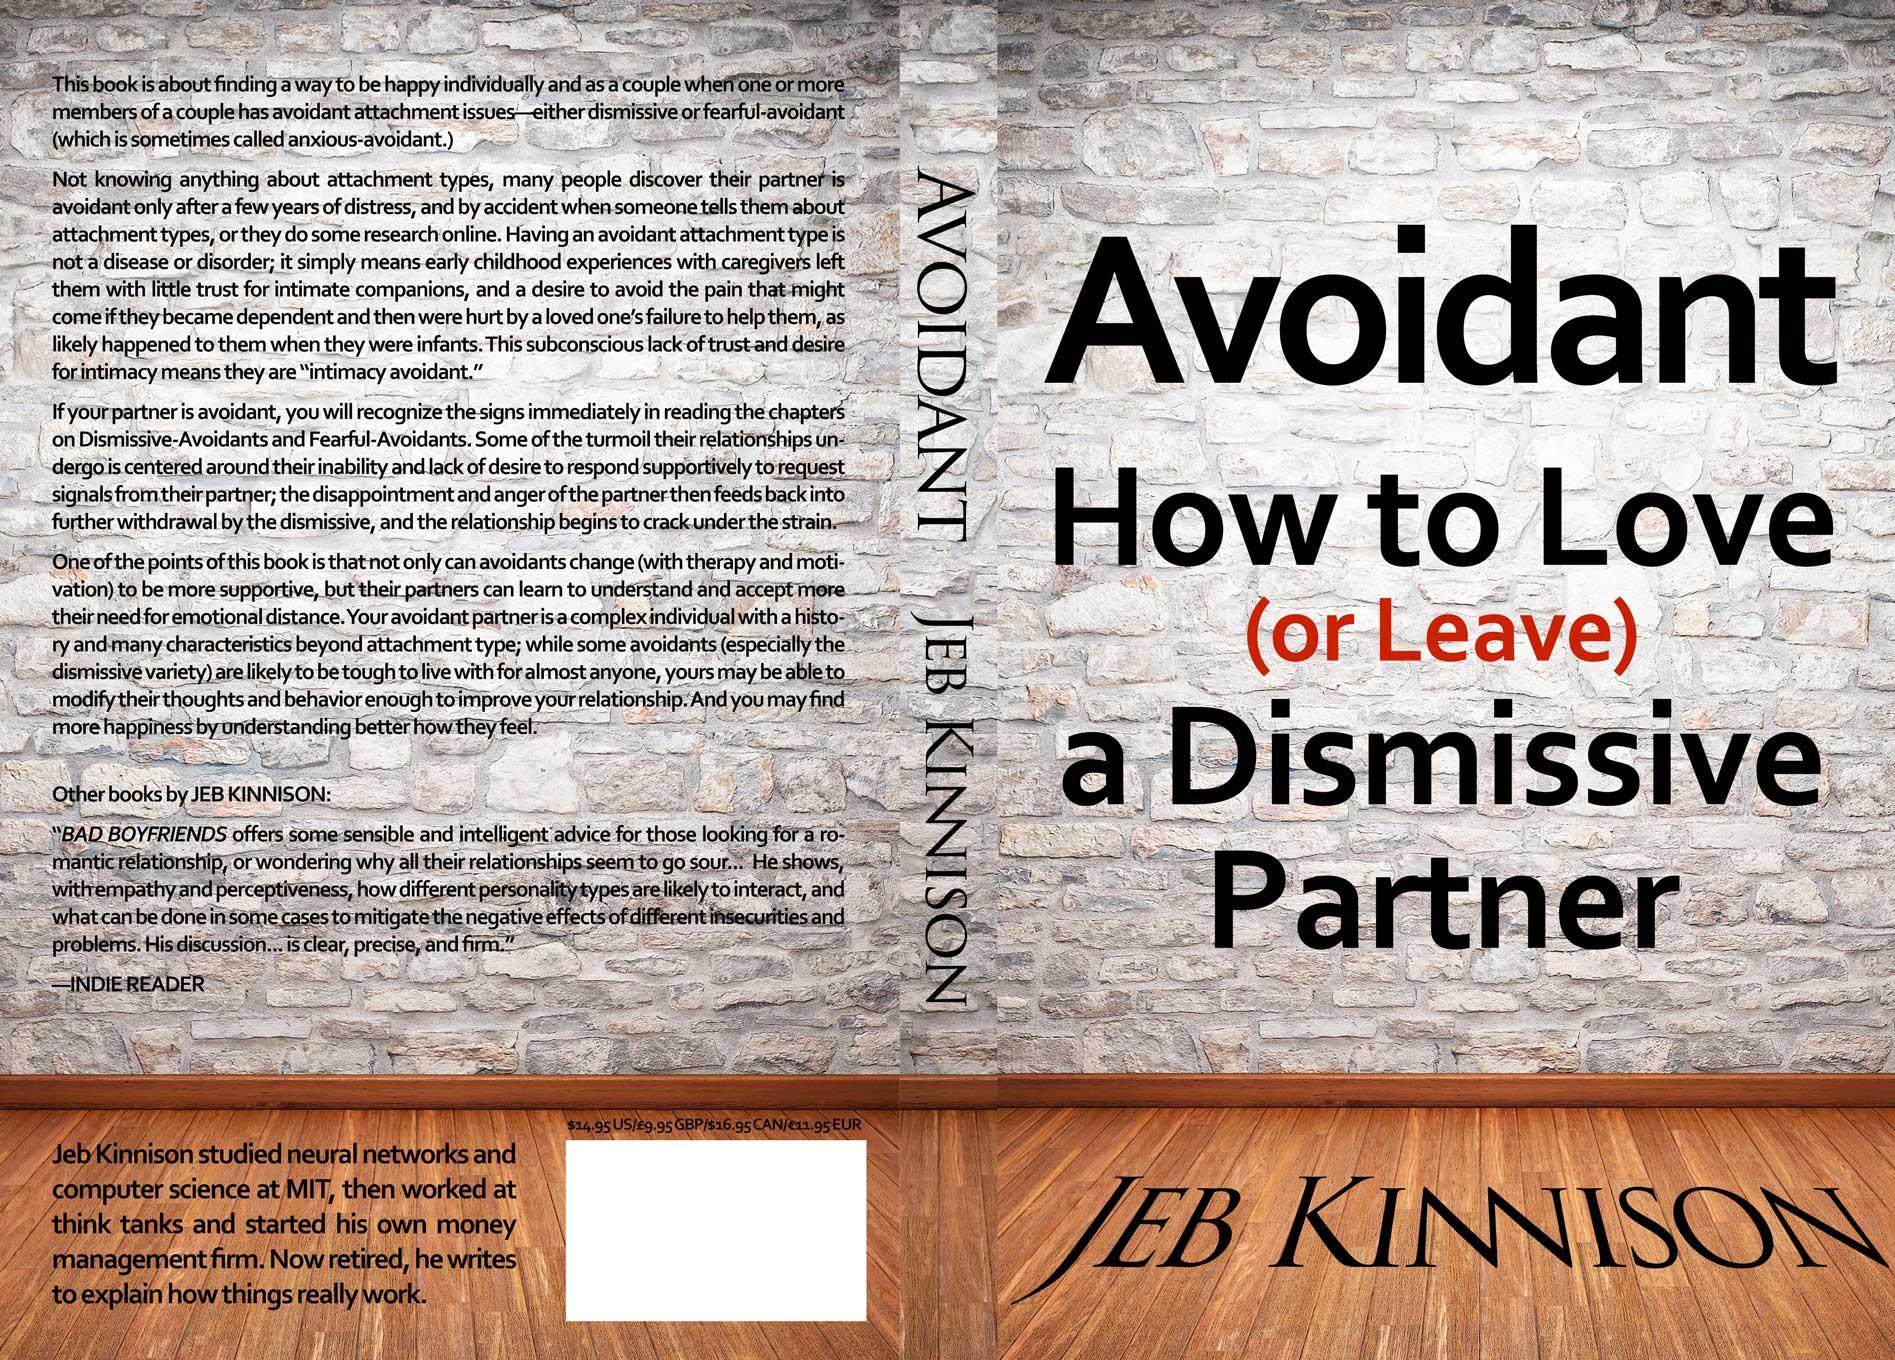 Avoidant dismissive